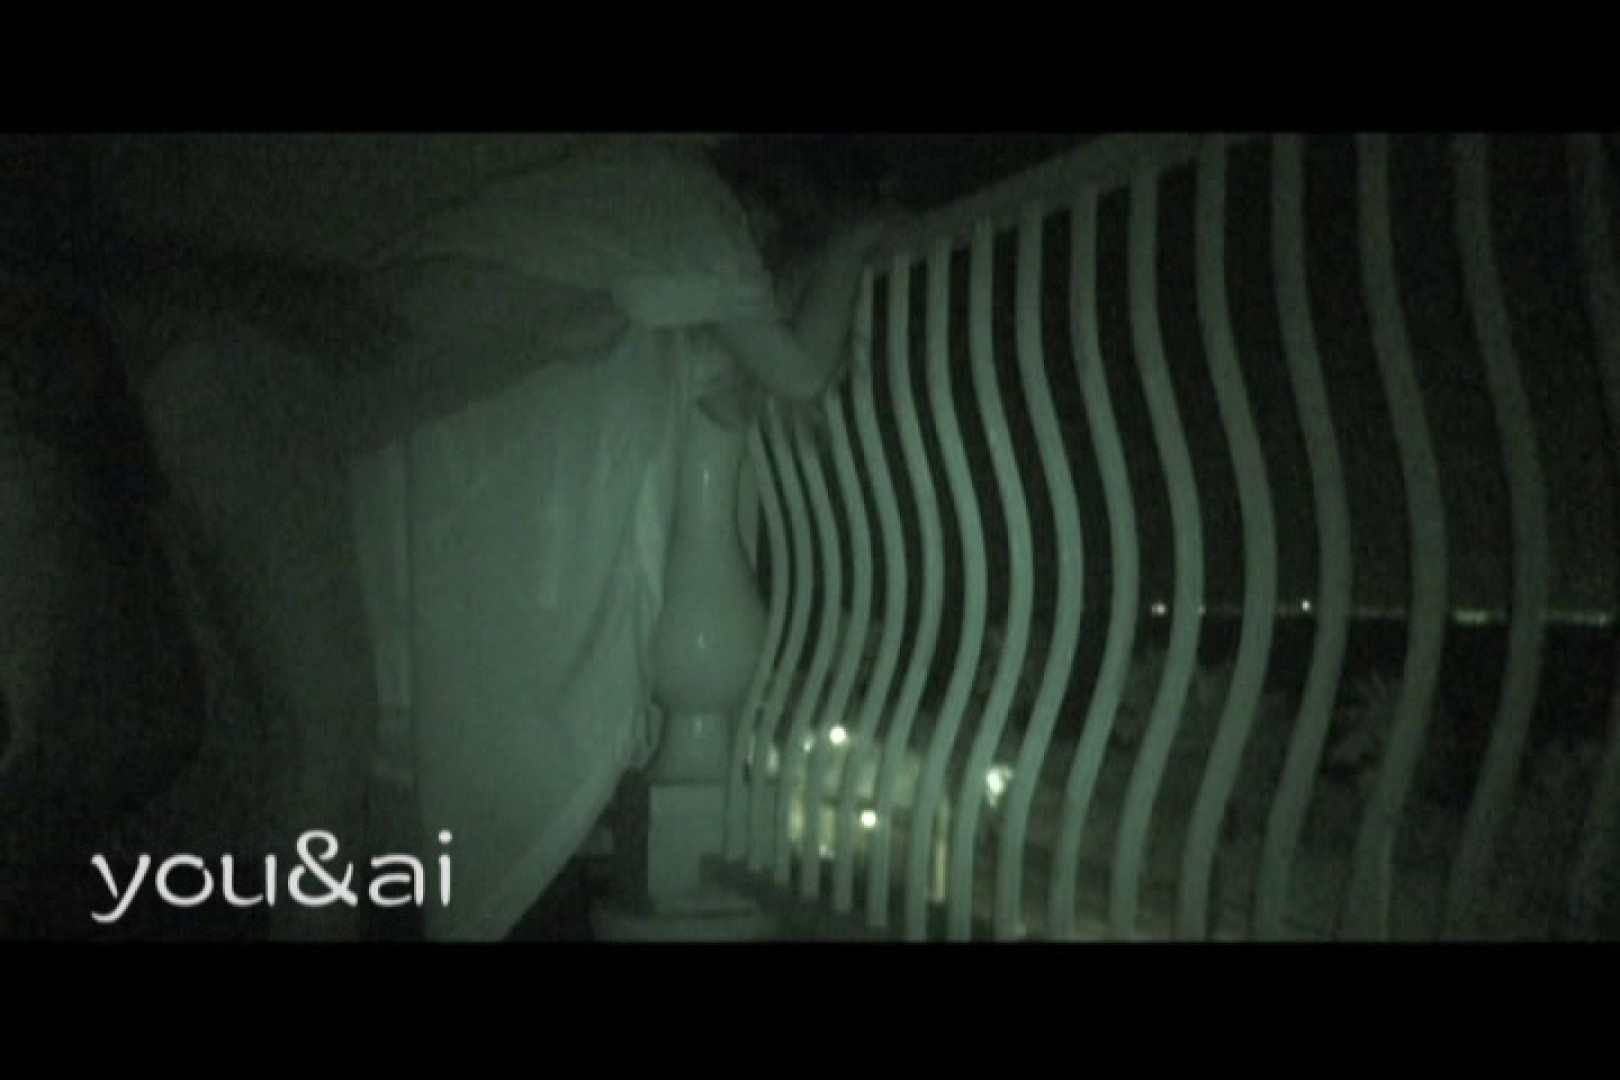 おしどり夫婦のyou&aiさん投稿作品vol.12 ホテル オマンコ動画キャプチャ 104PIX 80